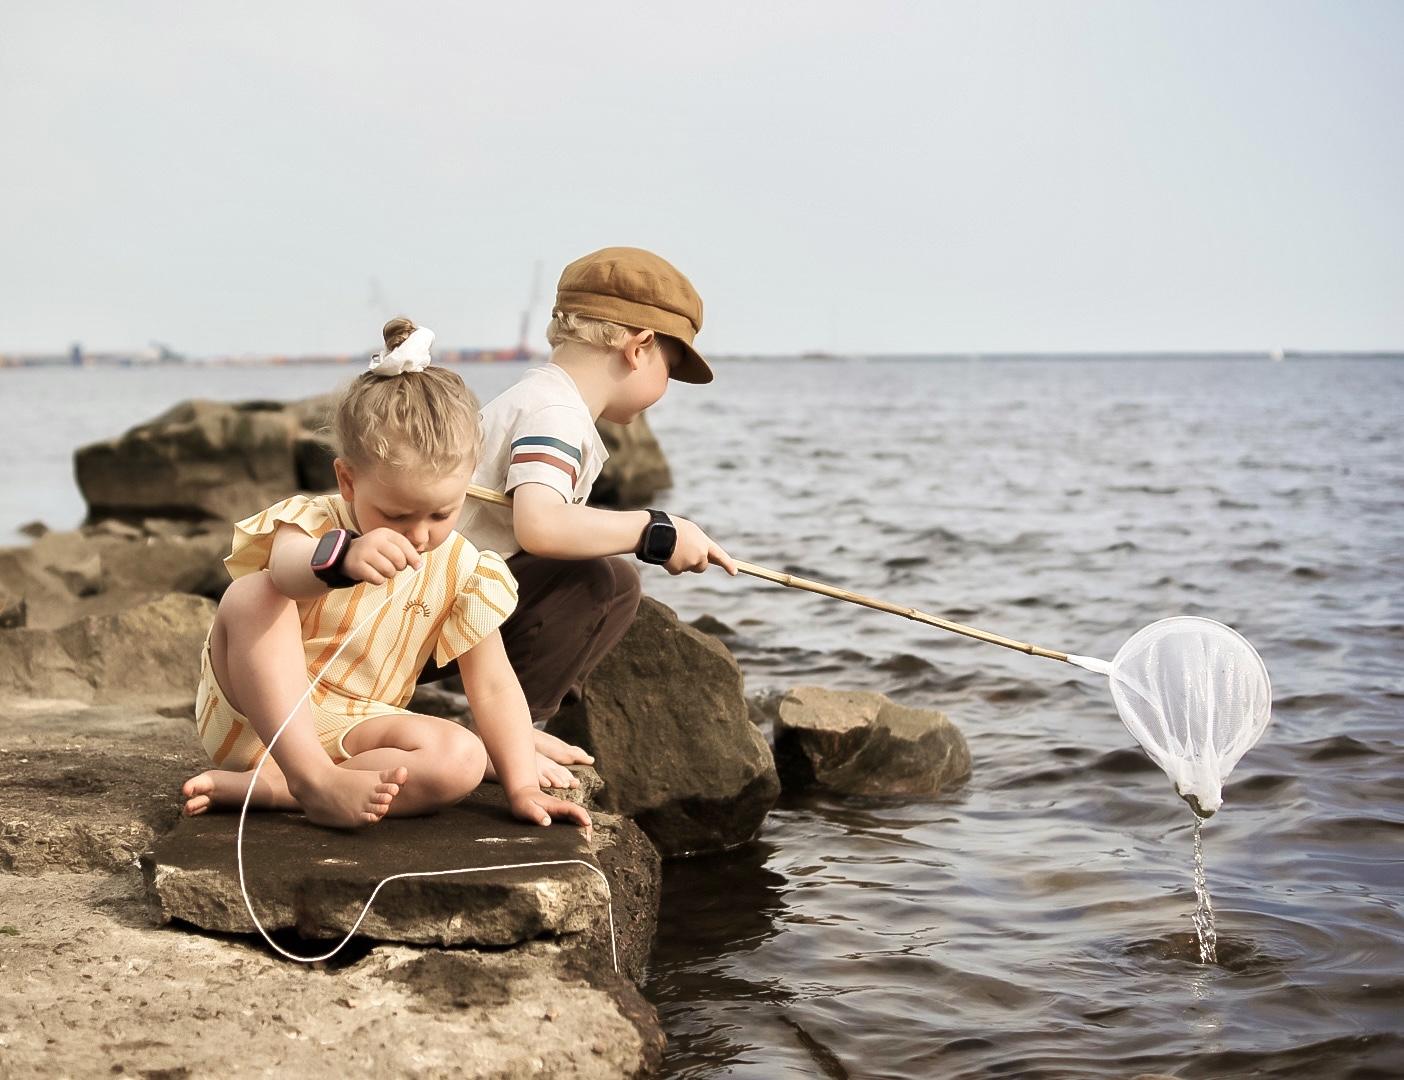 Lapset kalassa Lasten kellopuhelin ranteessa.